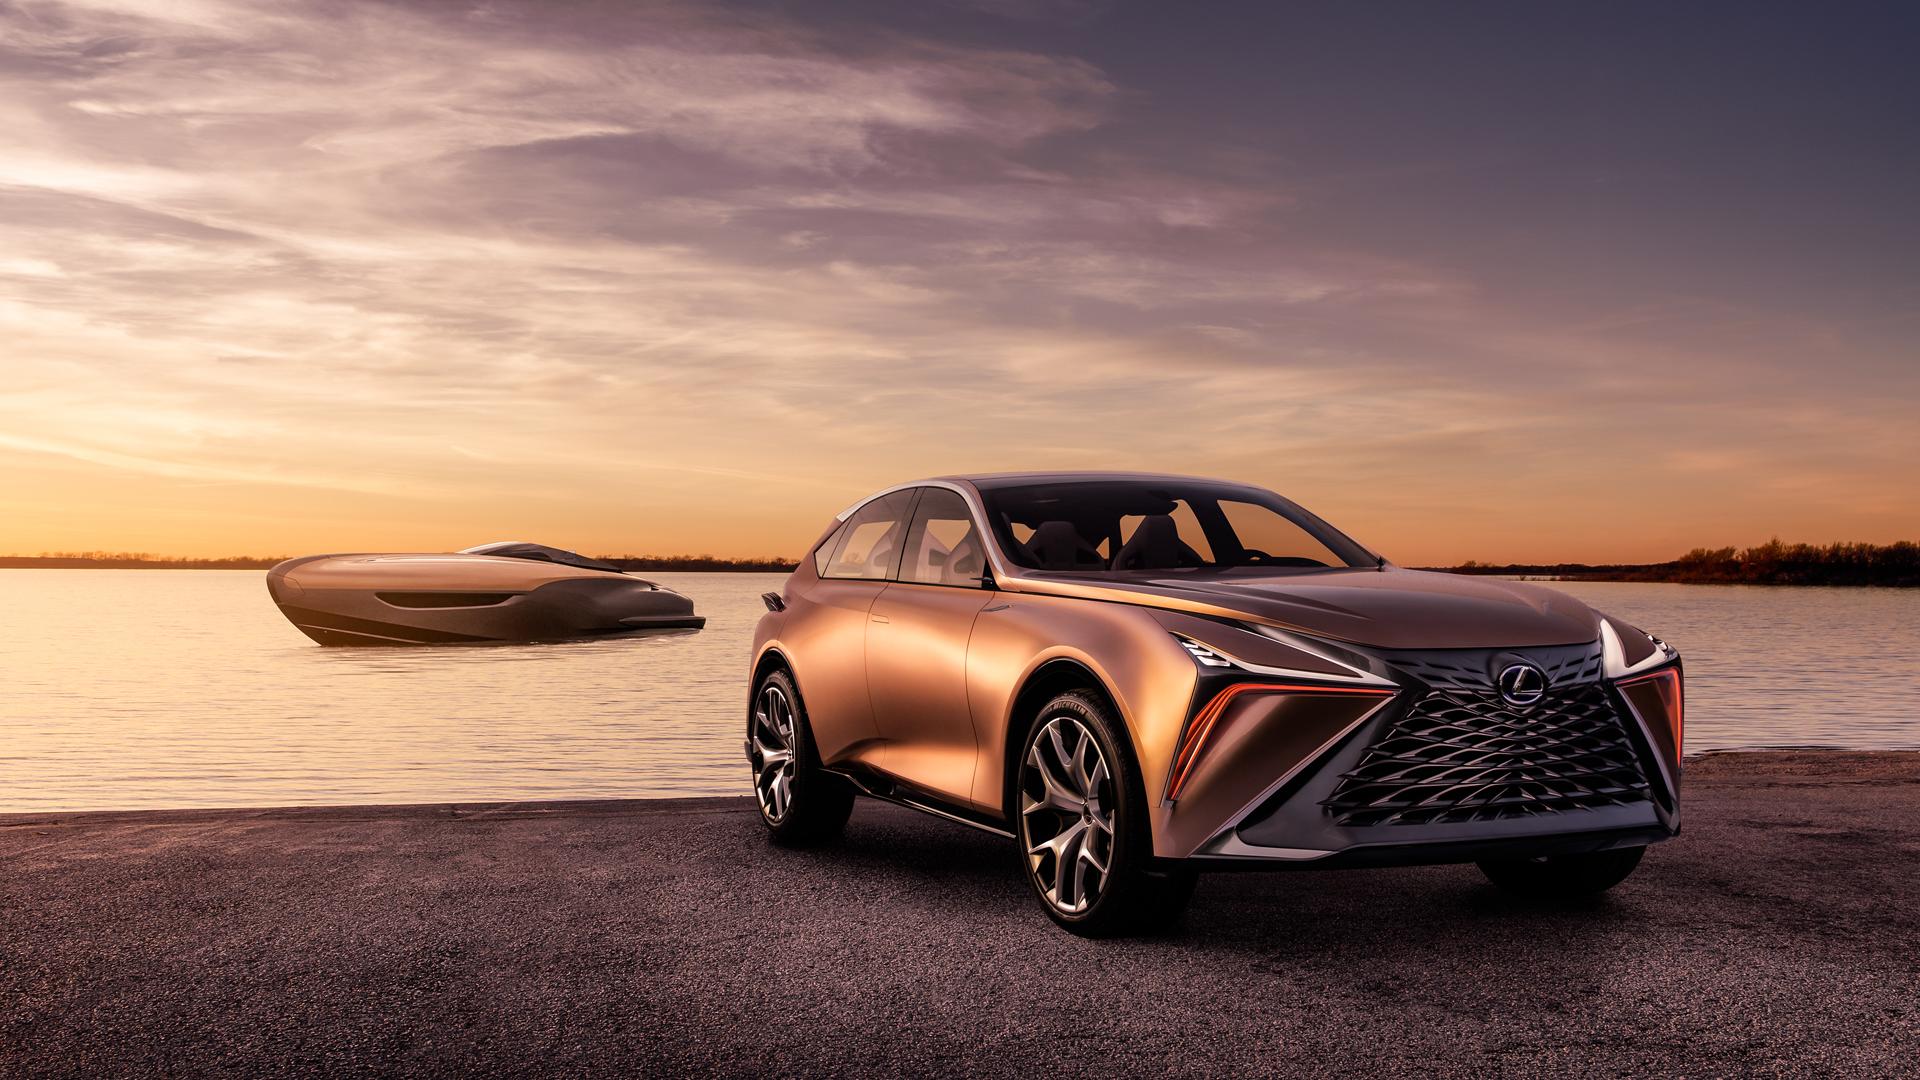 Lexus producirá un nuevo yate hero asset